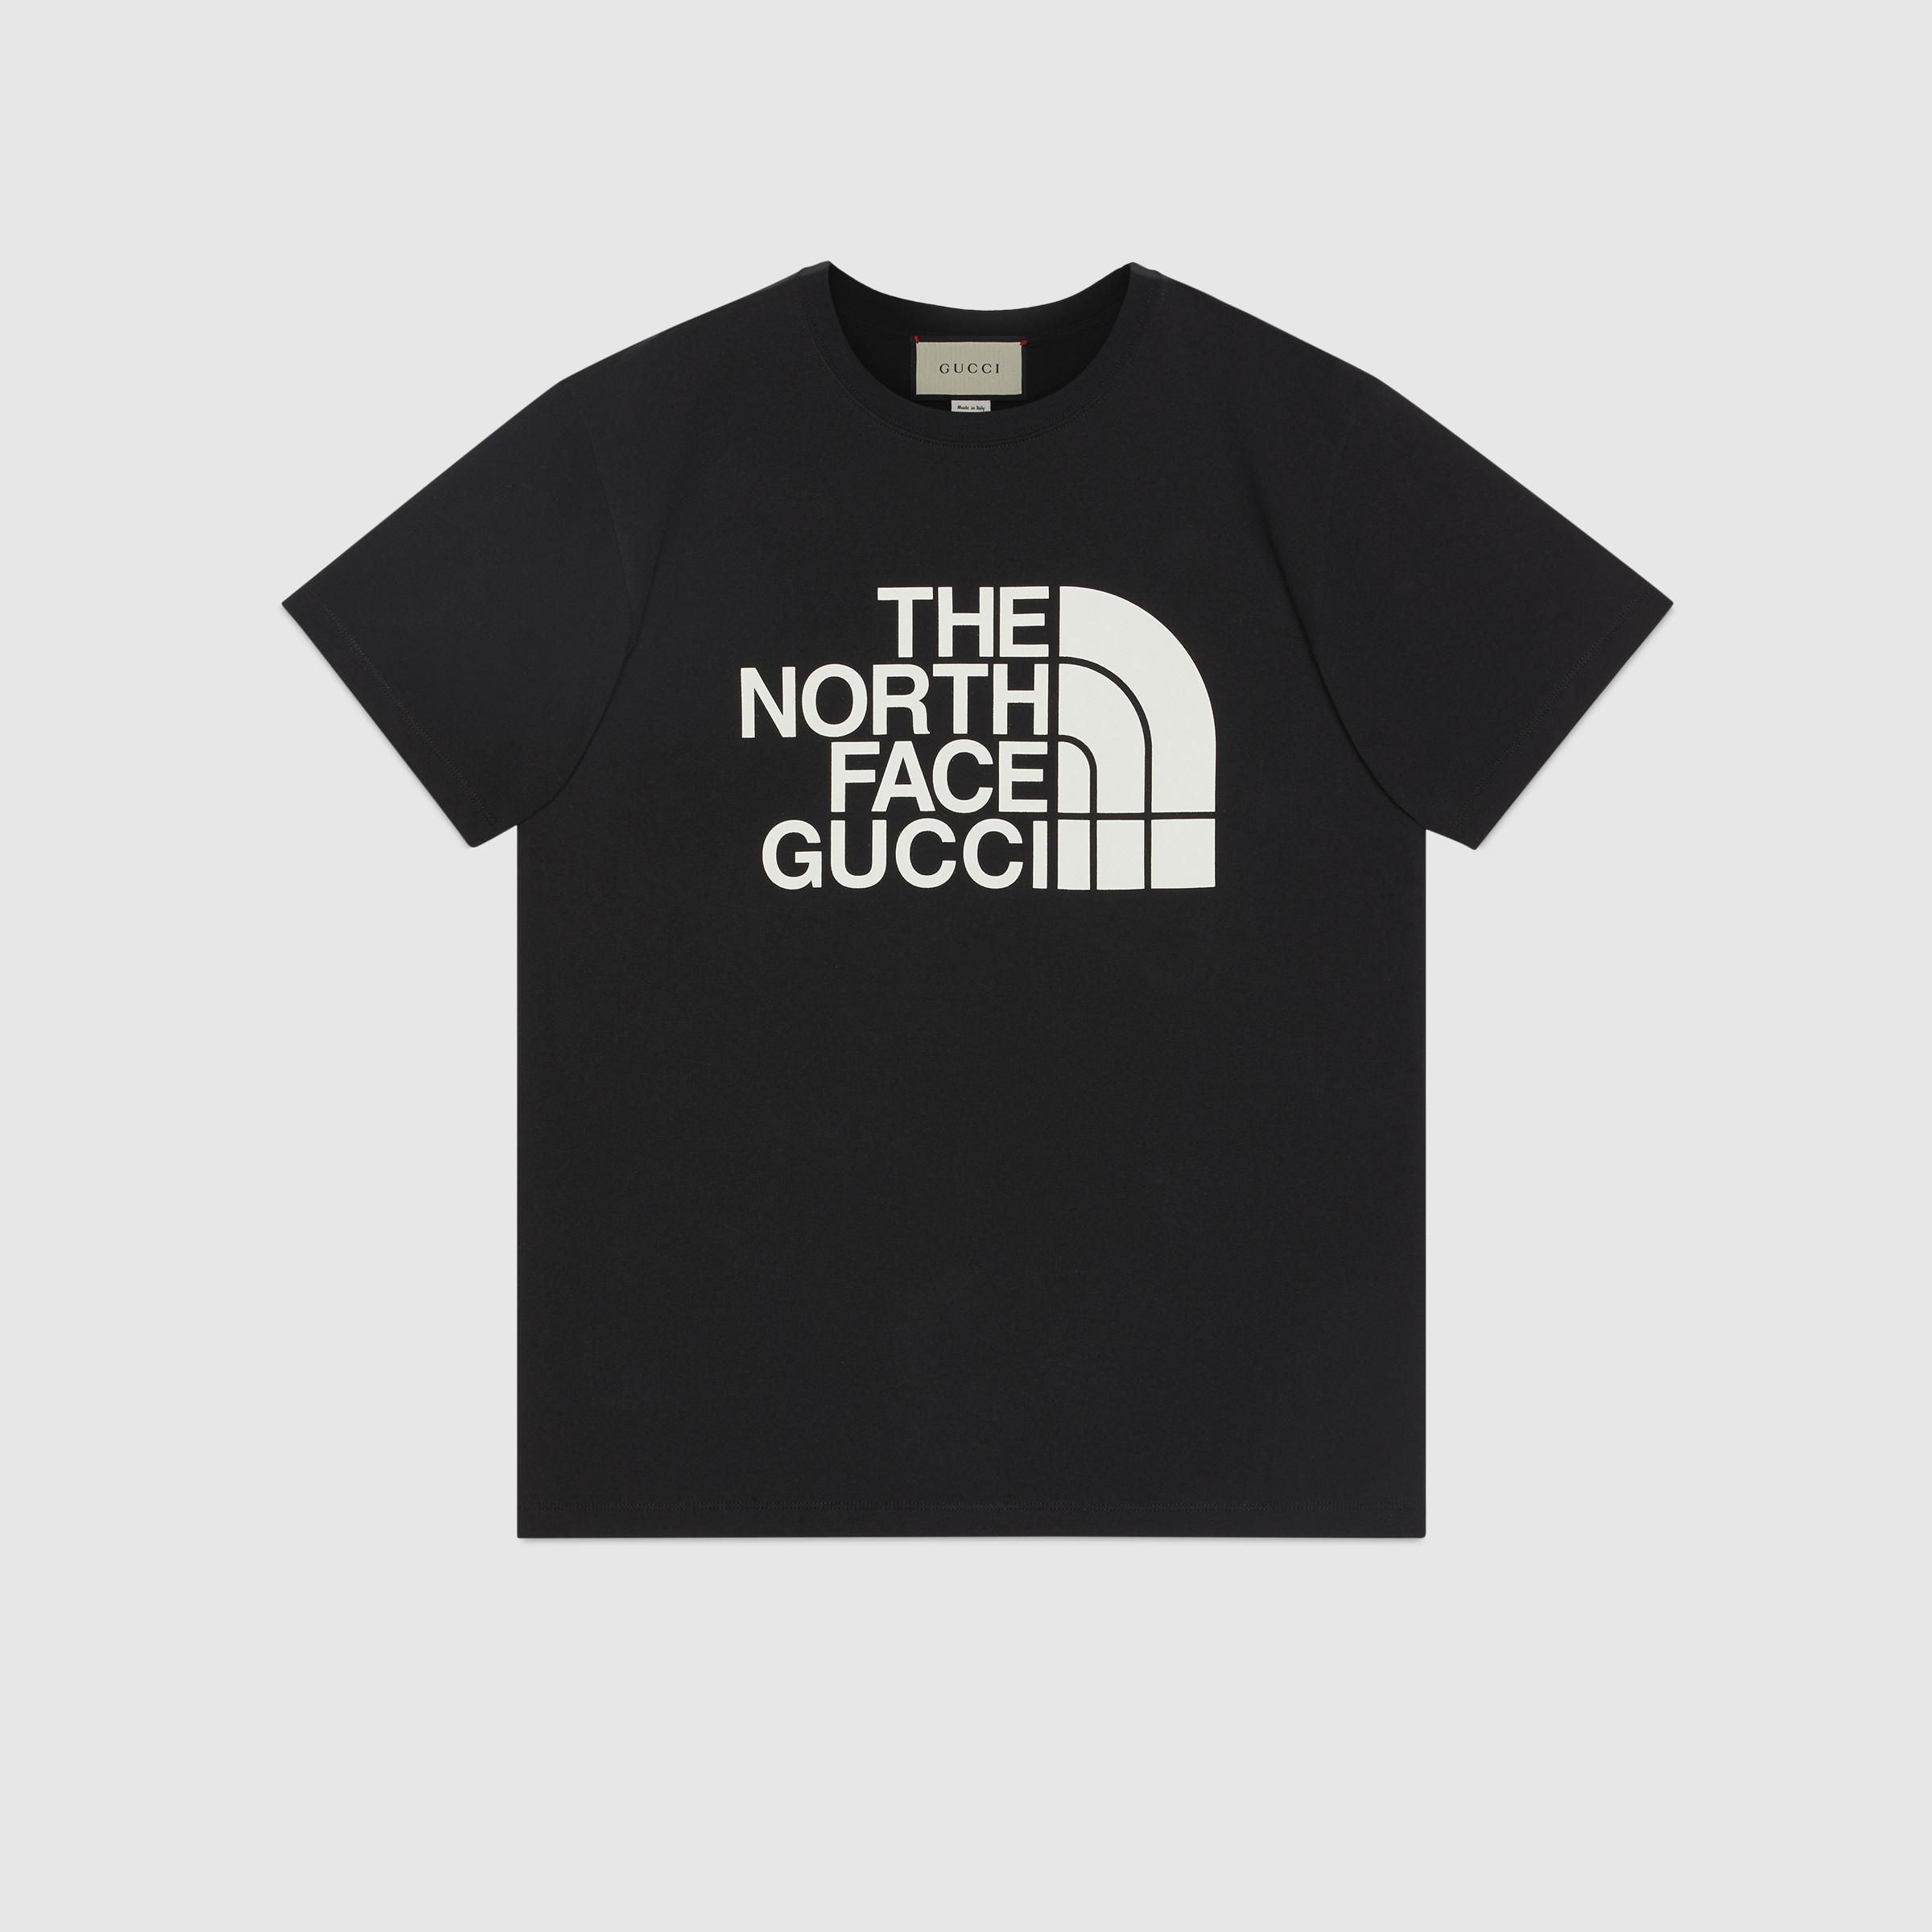 Тениска от колаборацията на North Face и Gucci също е сред находките от сутринта, неочаквано не е изчерпана и на официалния сайт на Gucci,1 041 лв